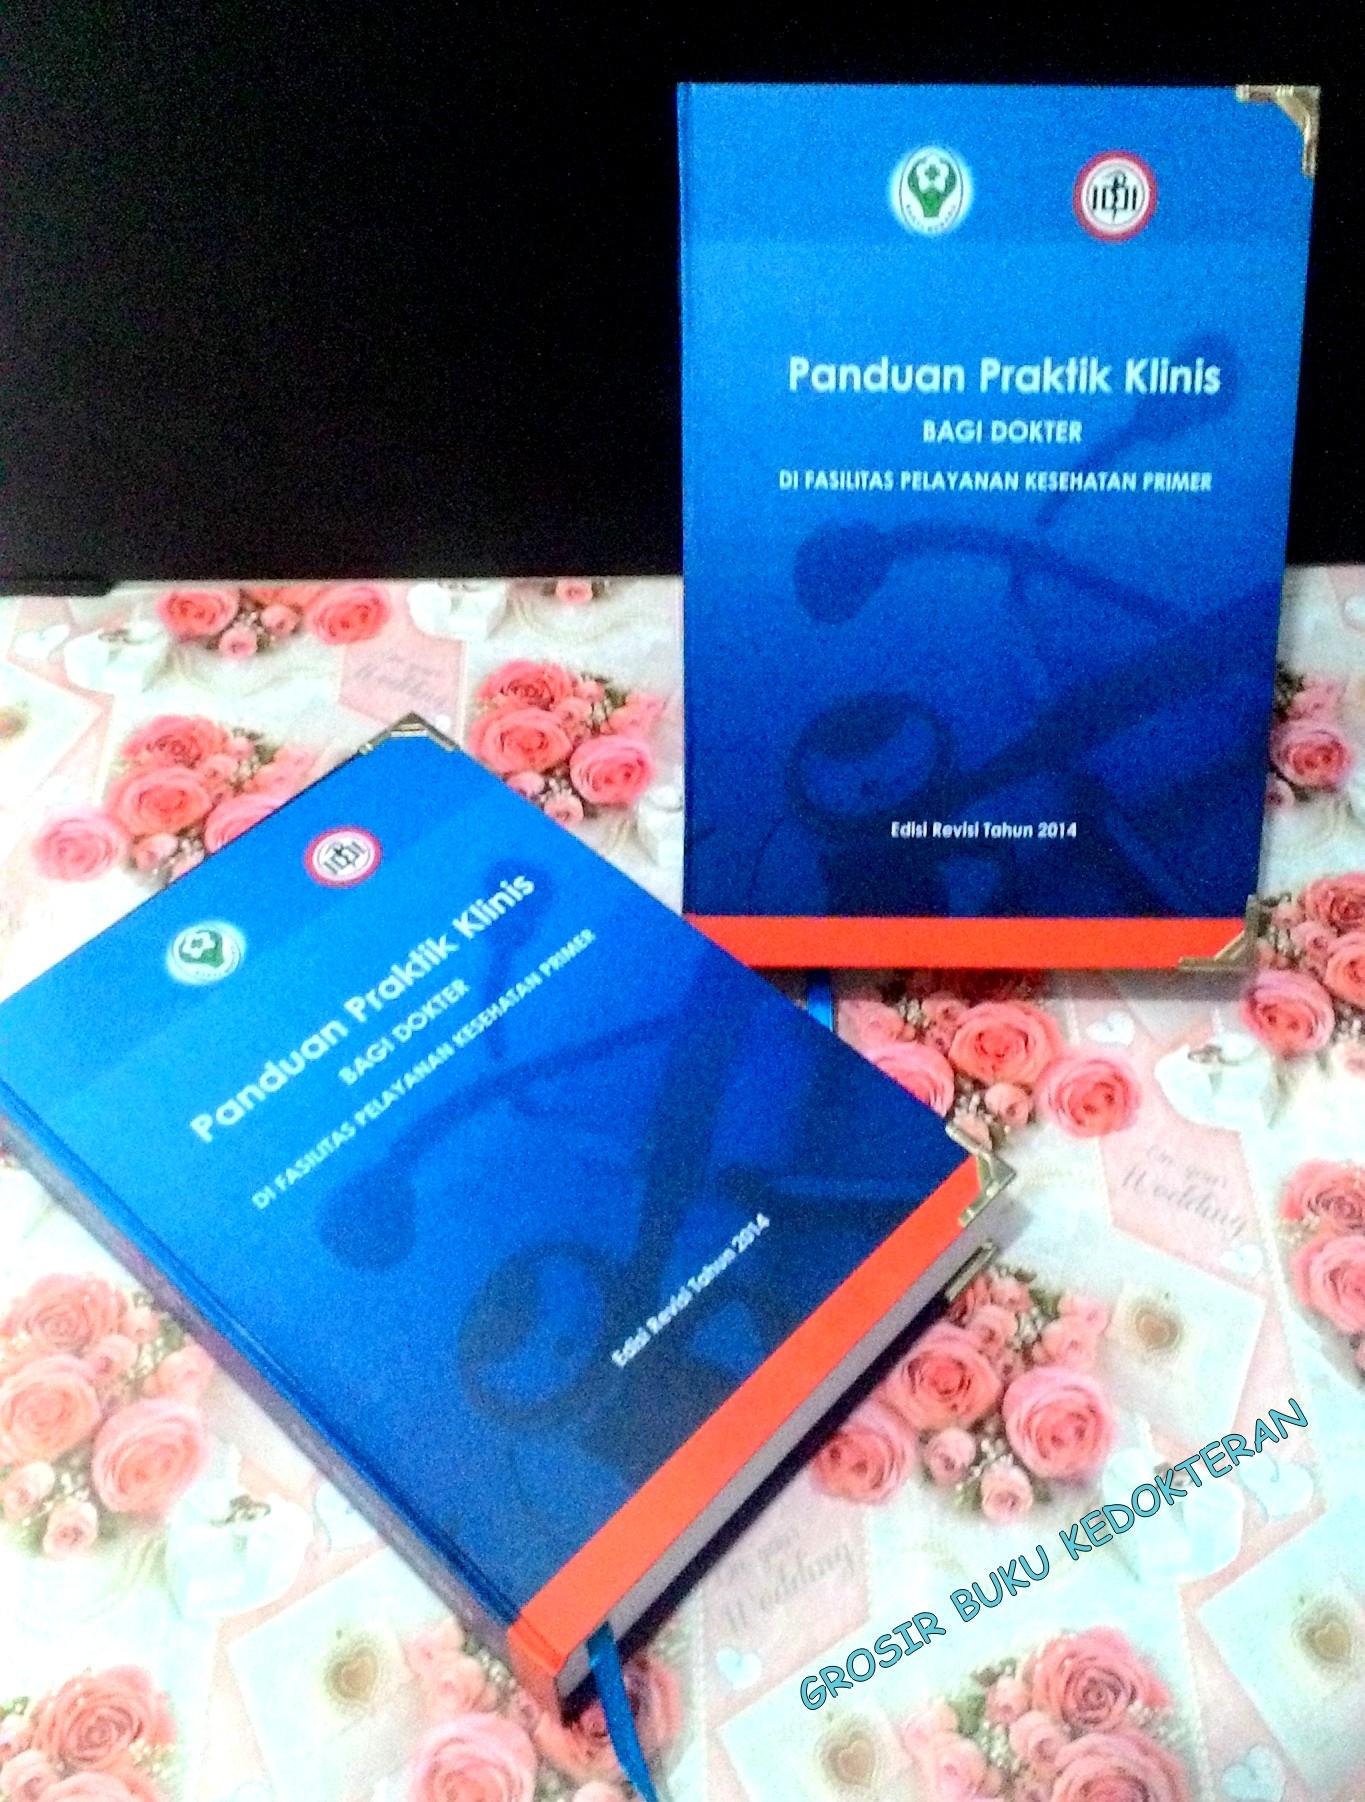 Panduan Praktik Klinis Revisi 2014